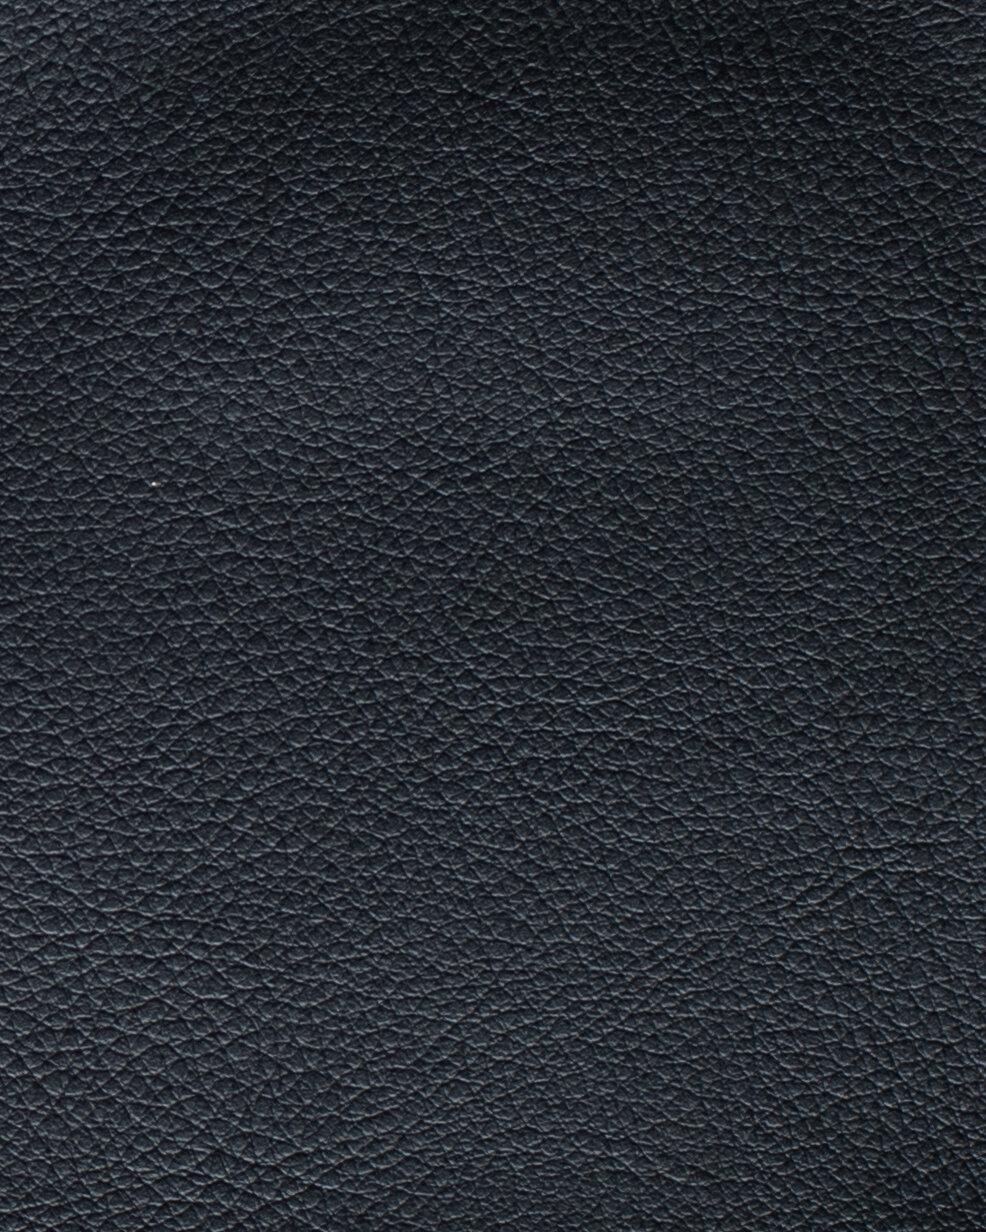 Faux Leather: Preto